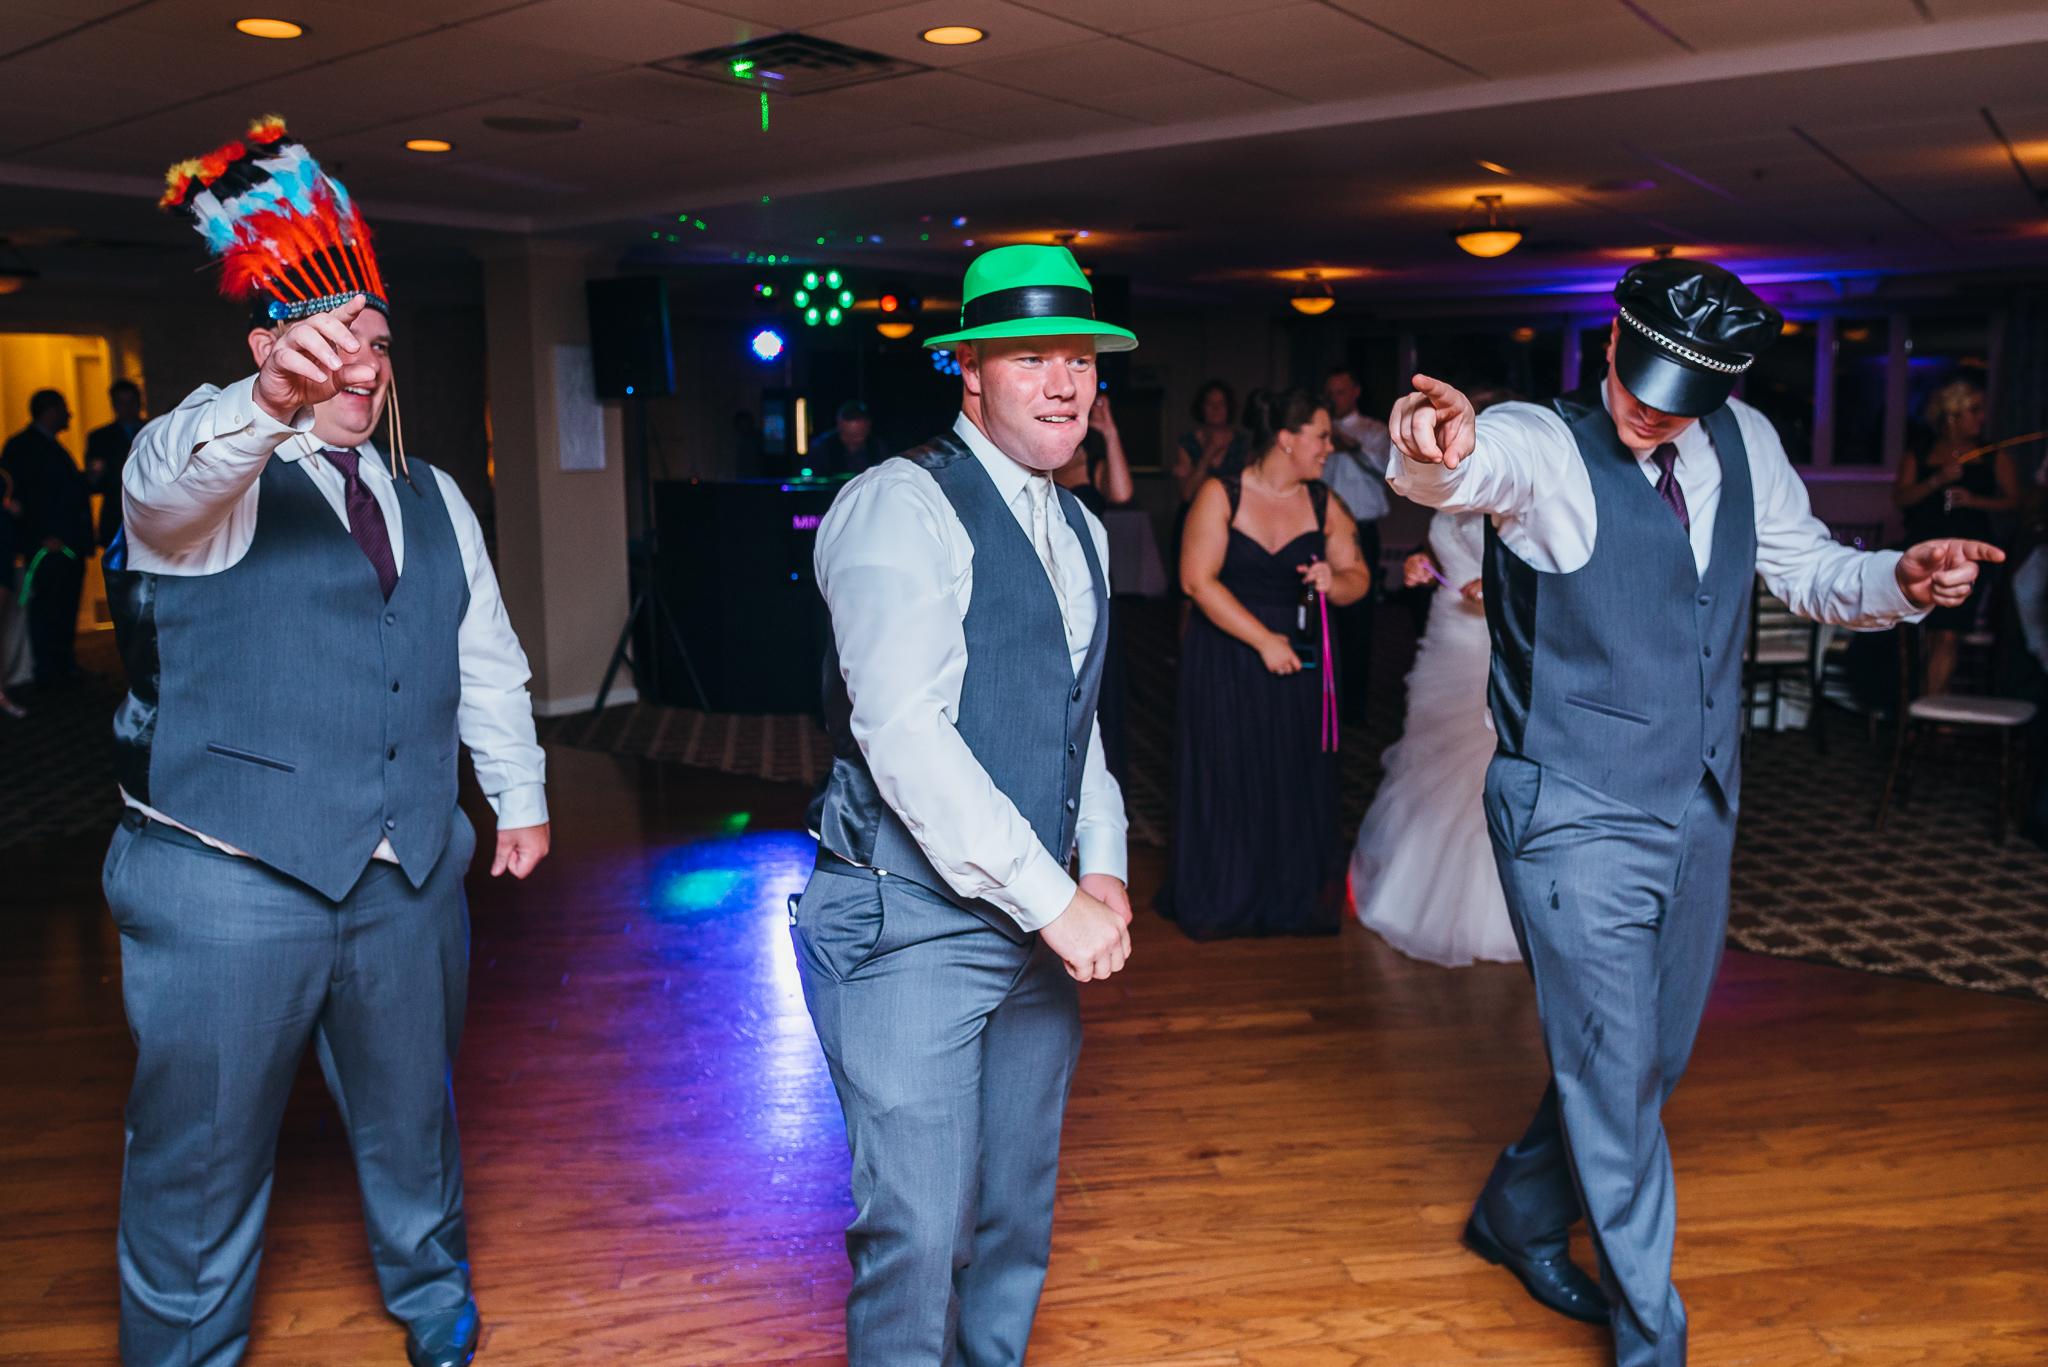 Flourtown_Country_Club_Wedding_NW-0059.jpg